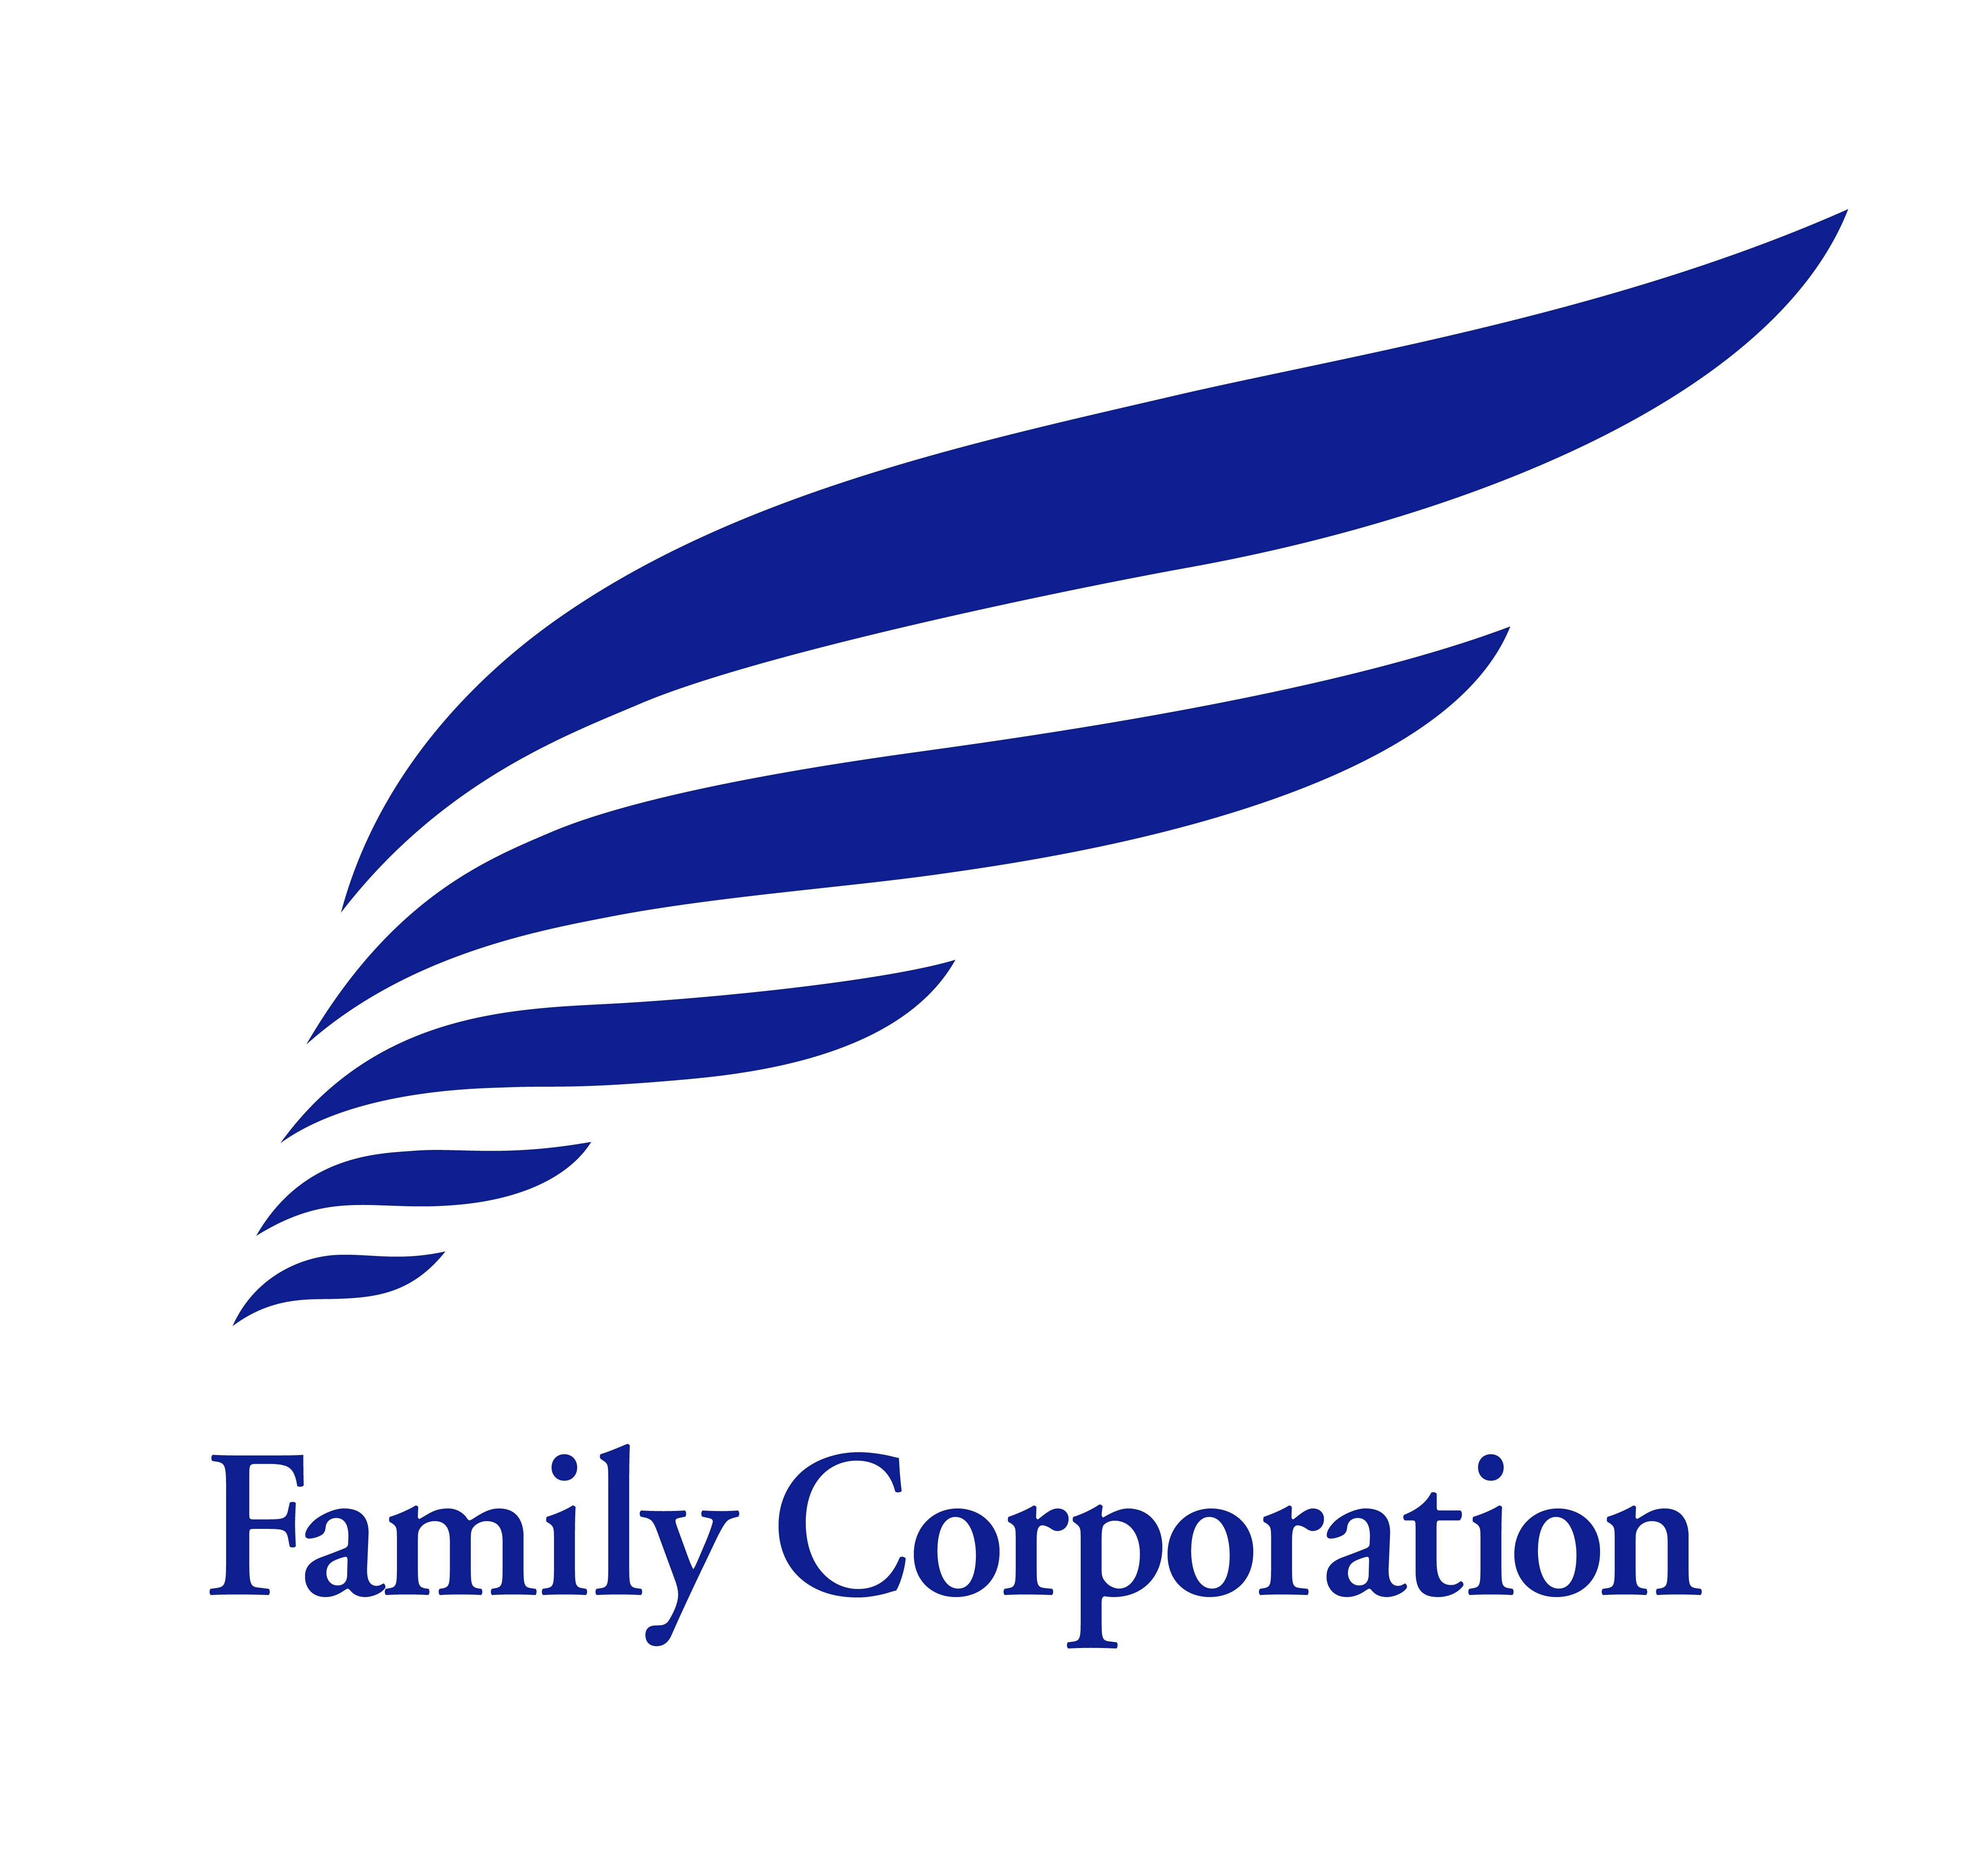 ファミリーコーポレーション ロゴ